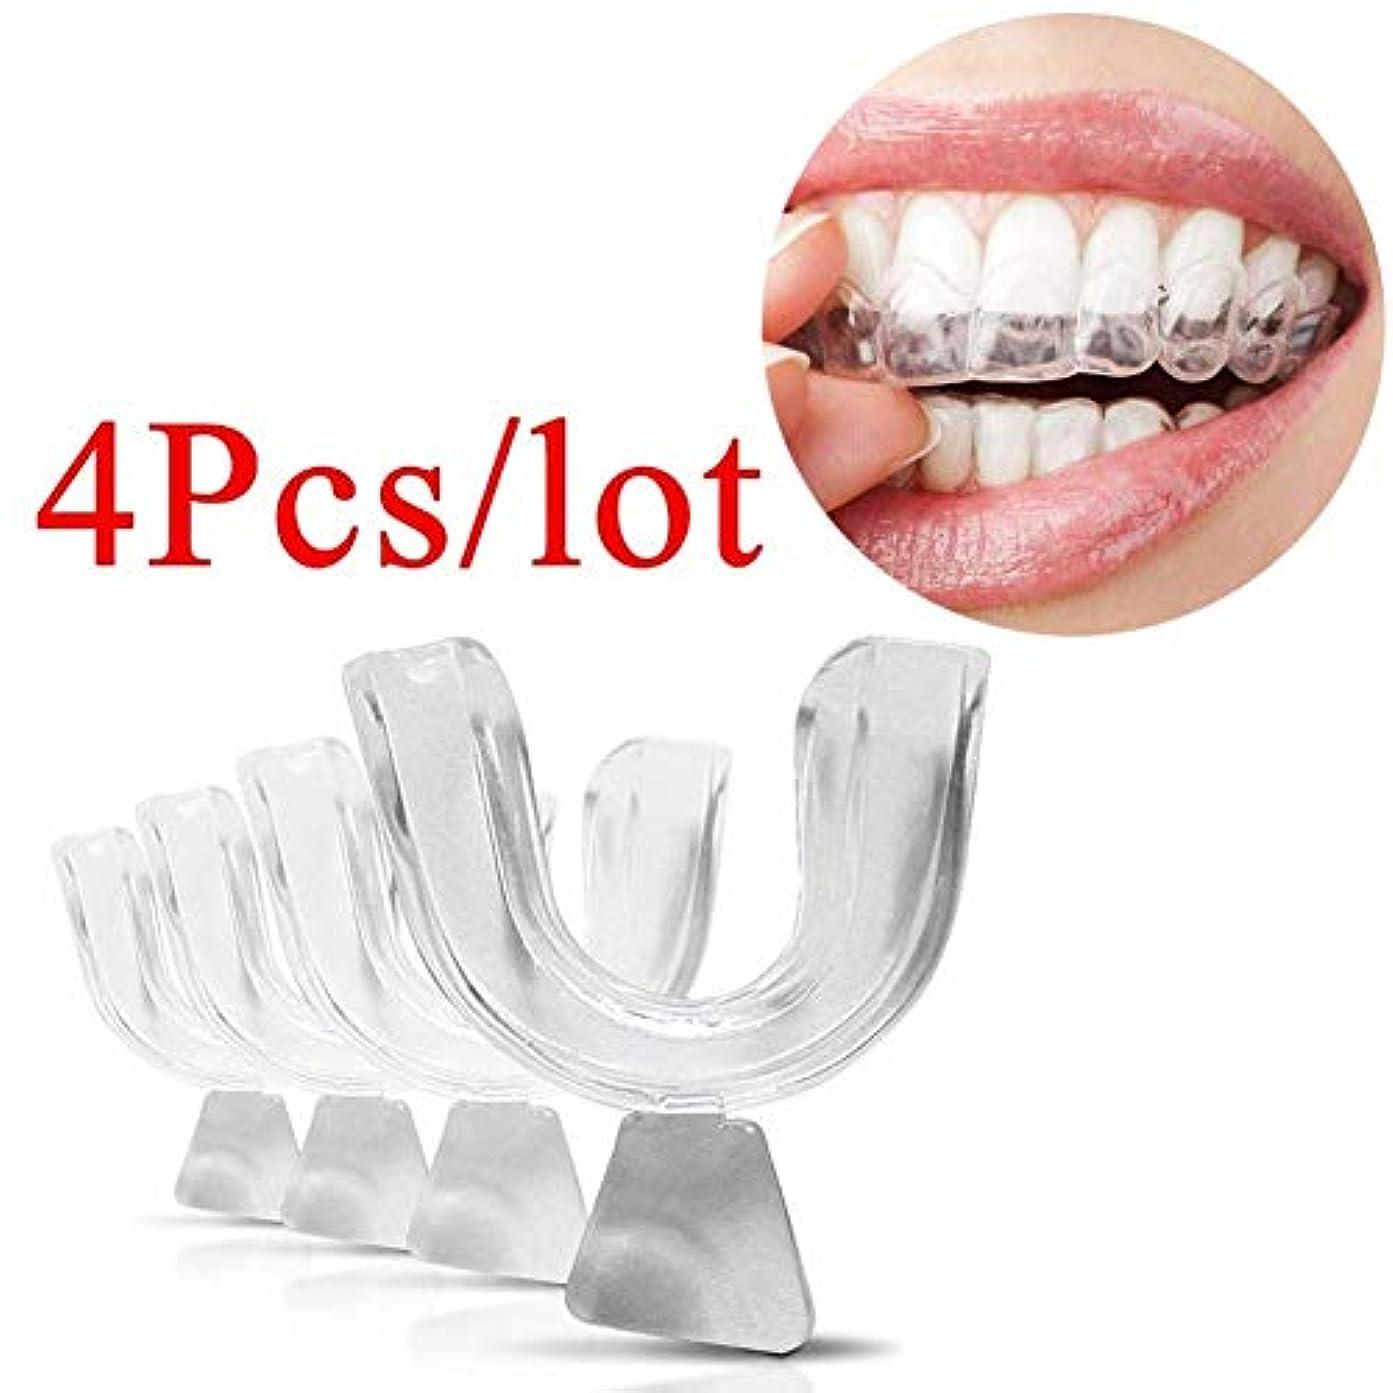 沿って取るに足らない満たす透明な食品等級を白くする安全な口の皿のMoldable歯科用歯の口の歯,4Pcs